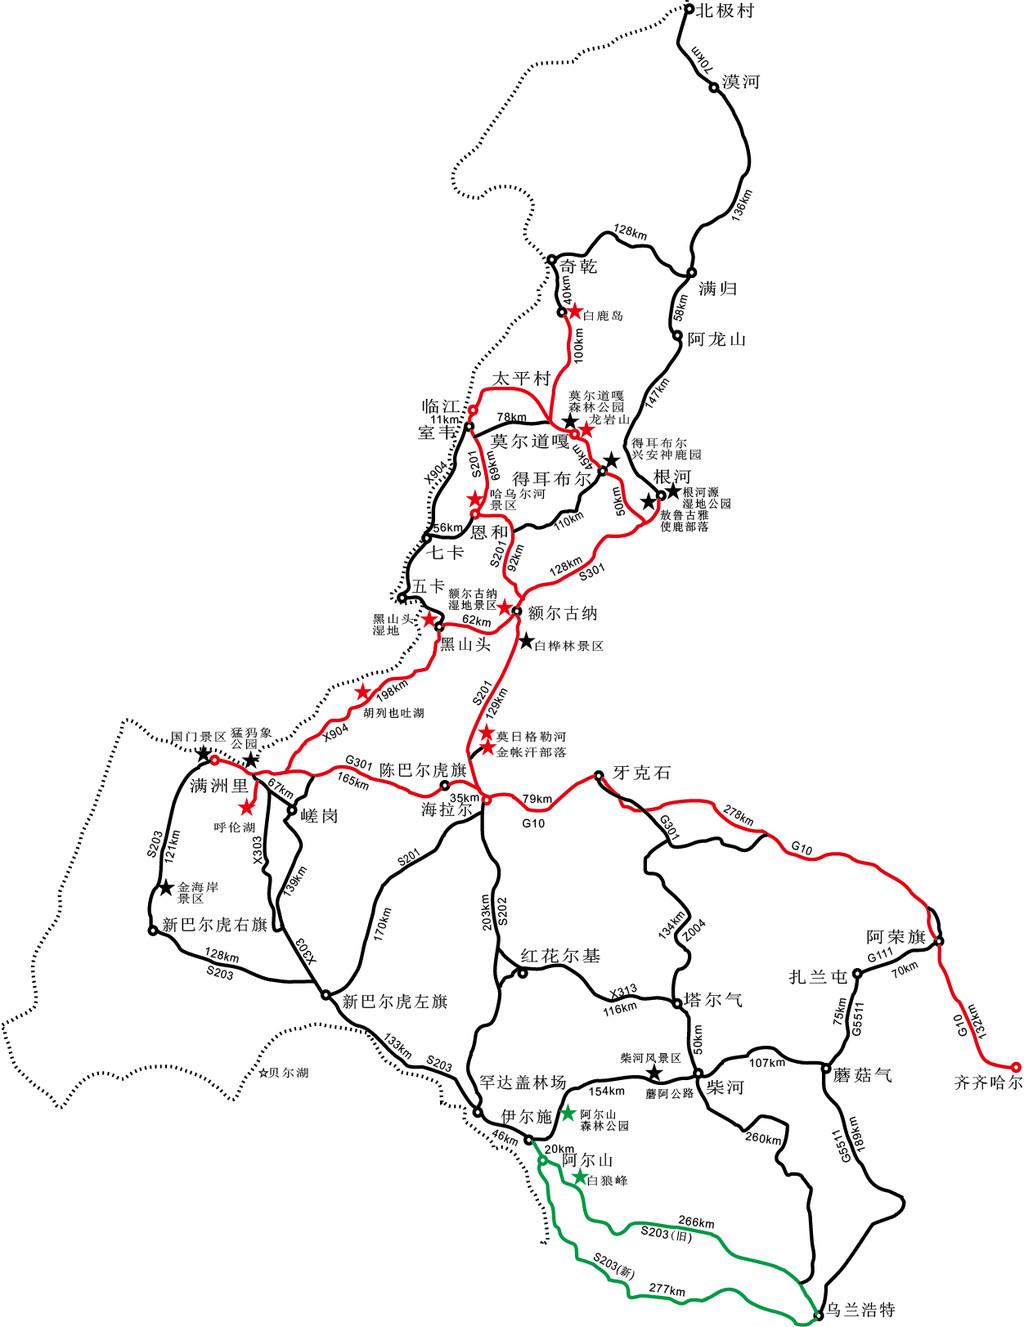 2016暑假呼伦贝尔8天自驾游+手绘地图